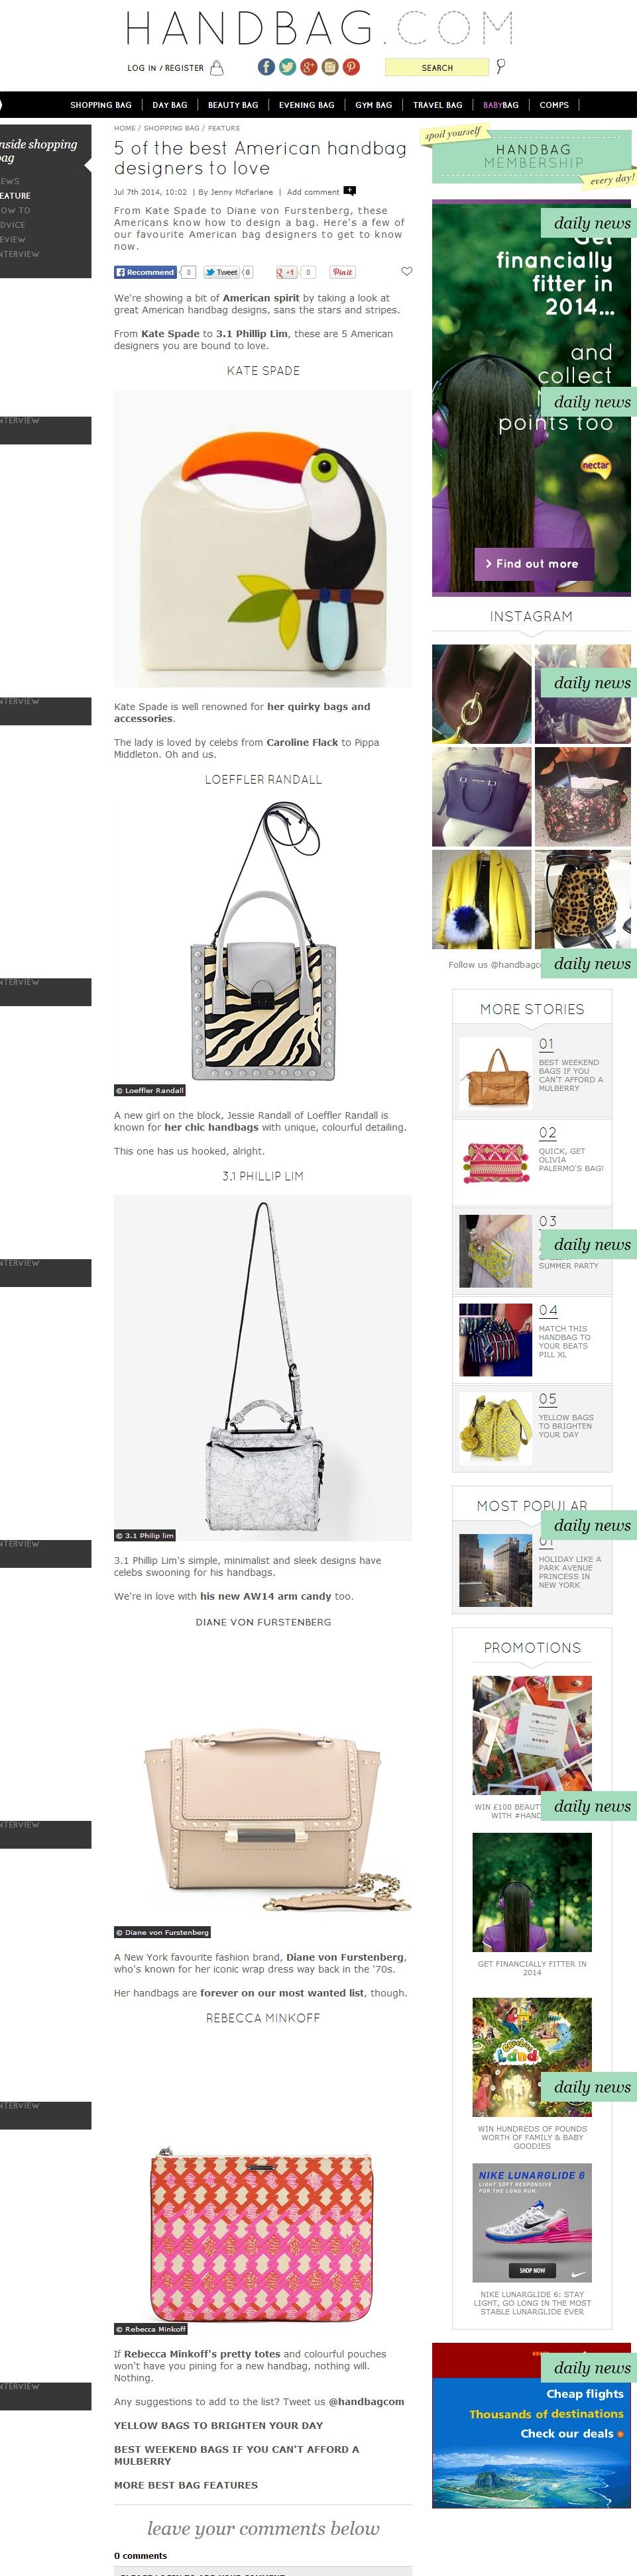 screencapture-www-handbag-com-shopping-bag-feature-a582079-5-of-the-best-american-handbag-designers-to-love-html